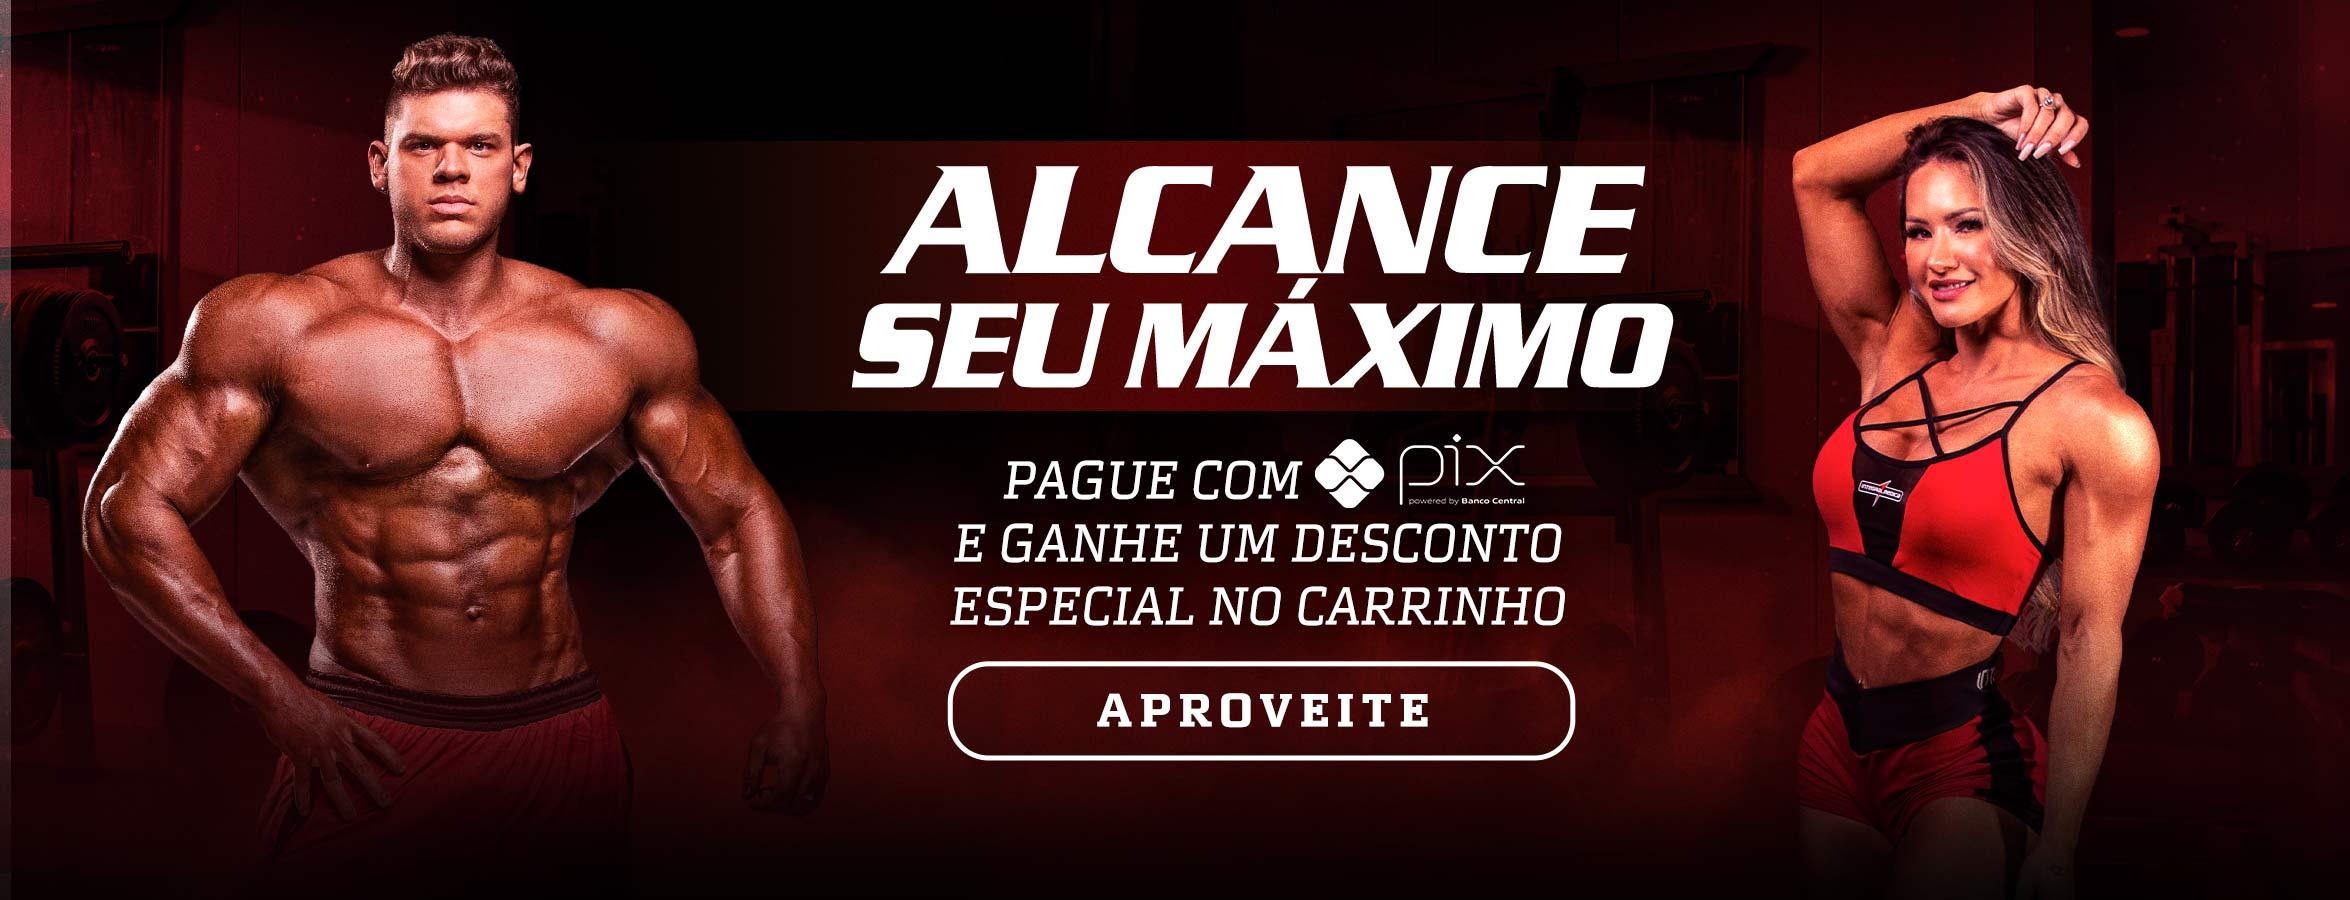 Pix Novo